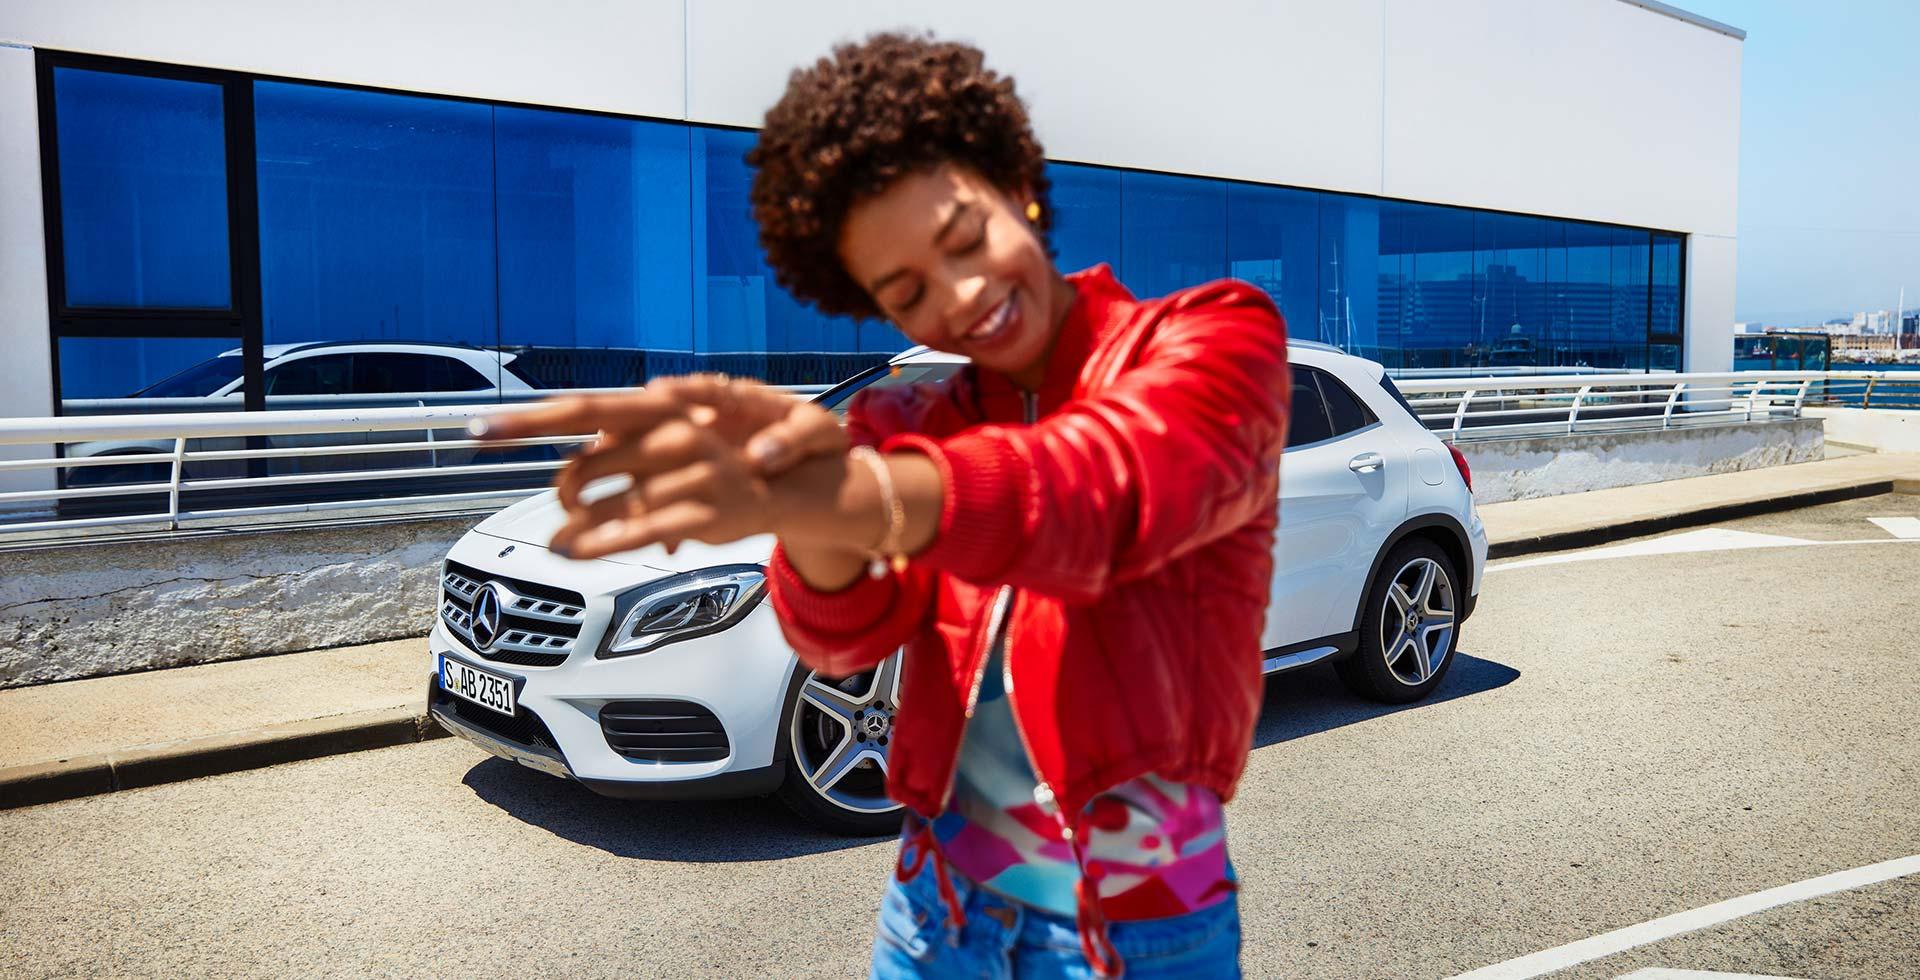 Foto aus dem Bilderpool für Mercedes-Benz Global Service & Parts, auf dem eine Frau lässig vor einem weißen Mercedes-Benz steht